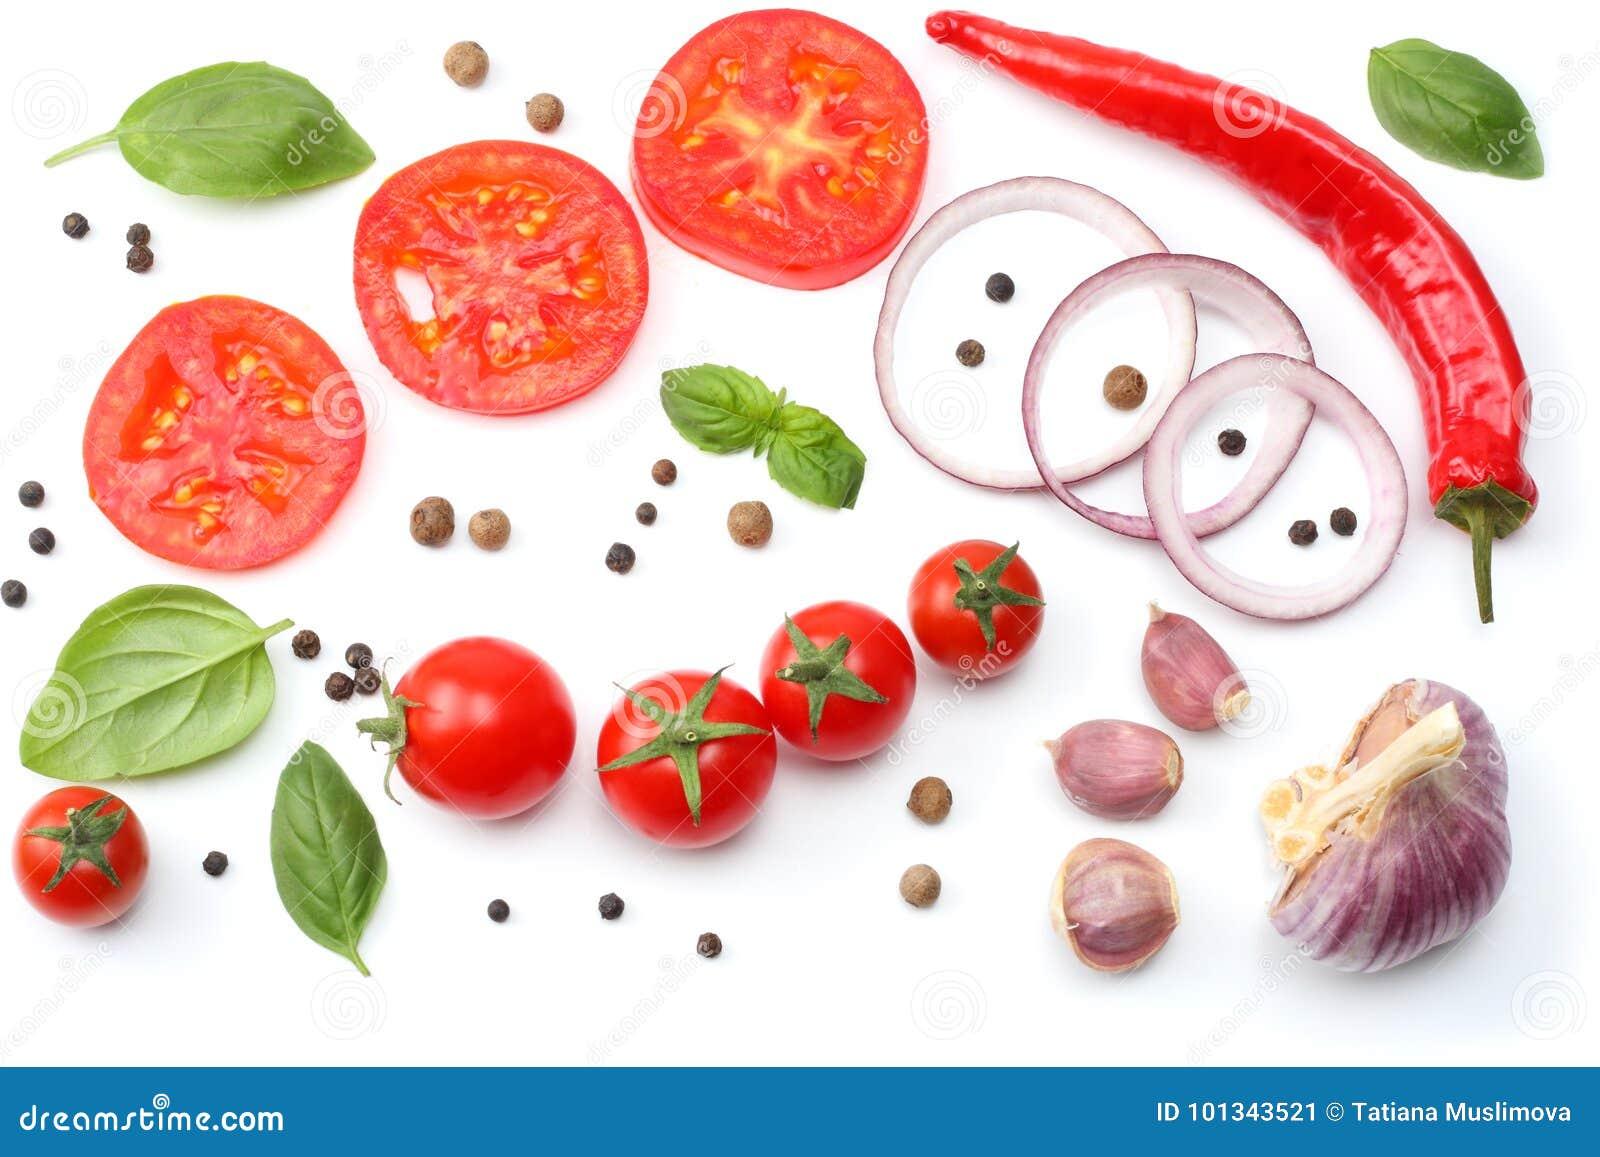 切的红洋葱、炽热辣椒、在白色背景和香料隔绝的蕃茄、大蒜 顶视图